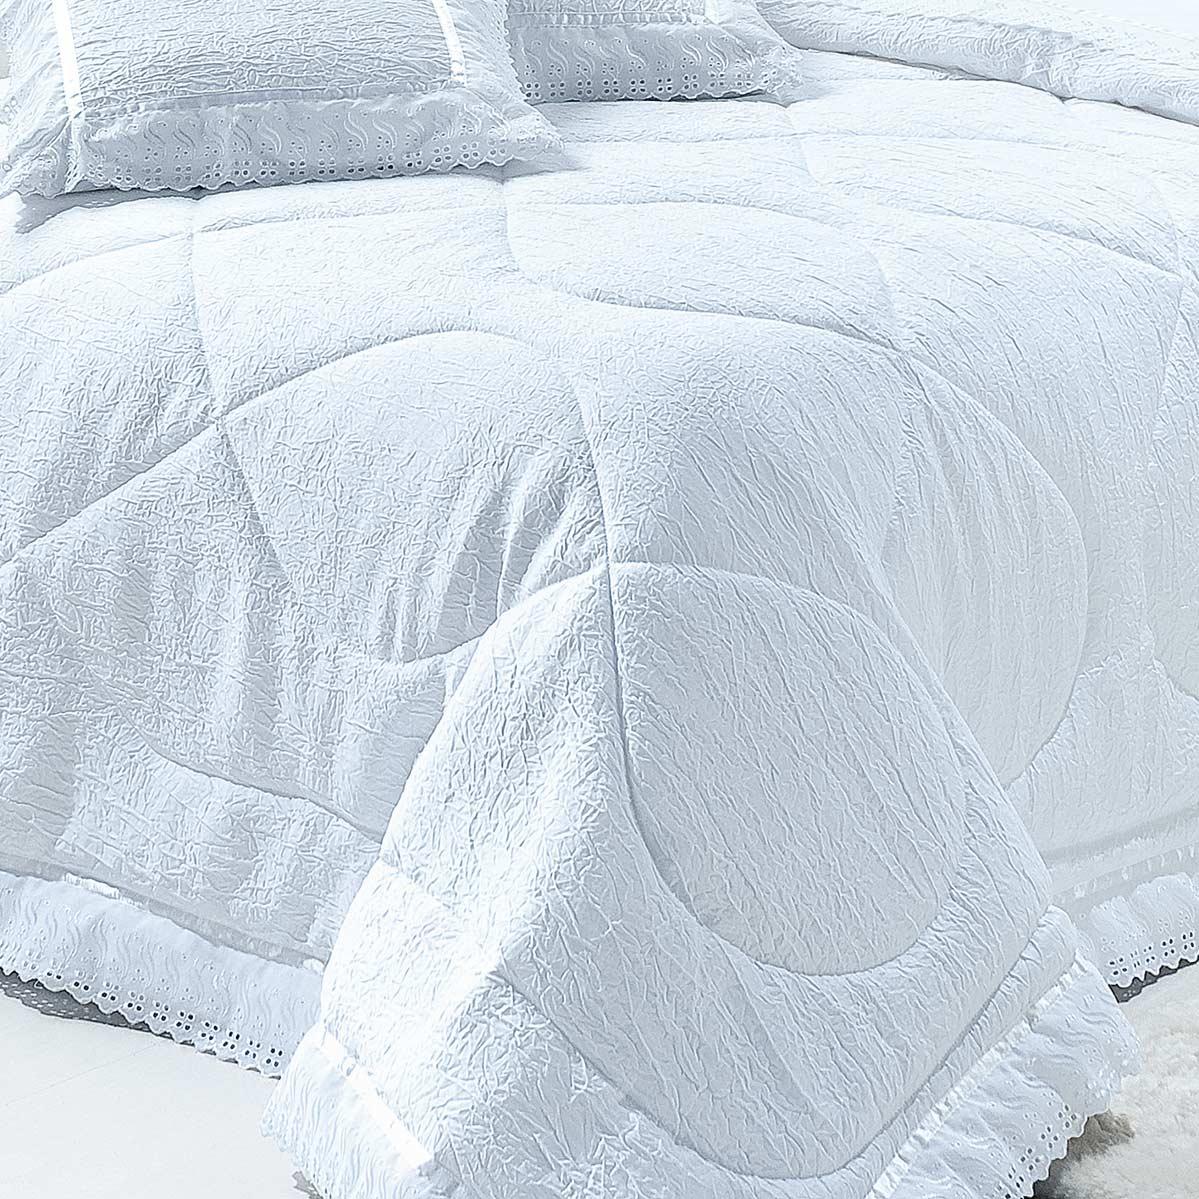 Colcha / Cobre Leito Cama Queen Box Branco em Cetim Amassado 100% Poliester com 7 peças - Cobre Leito Classic